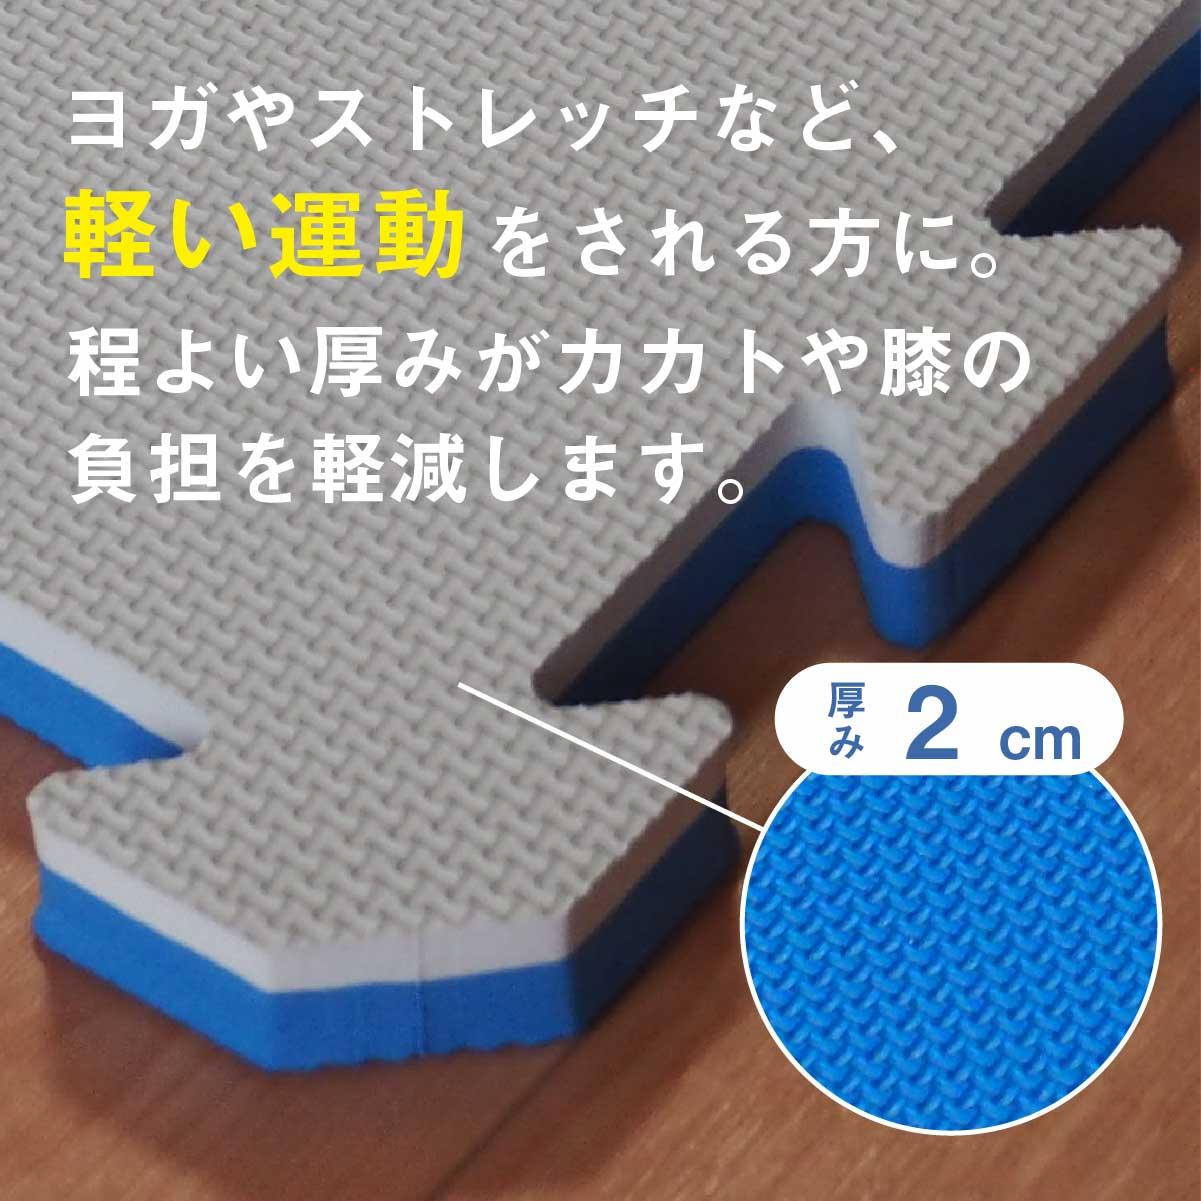 【軽い運動に】1m×1m/厚み2cm/安全・清潔・無臭/EVAジョイントマット/スポーツ/水洗い可/防音/網目柄